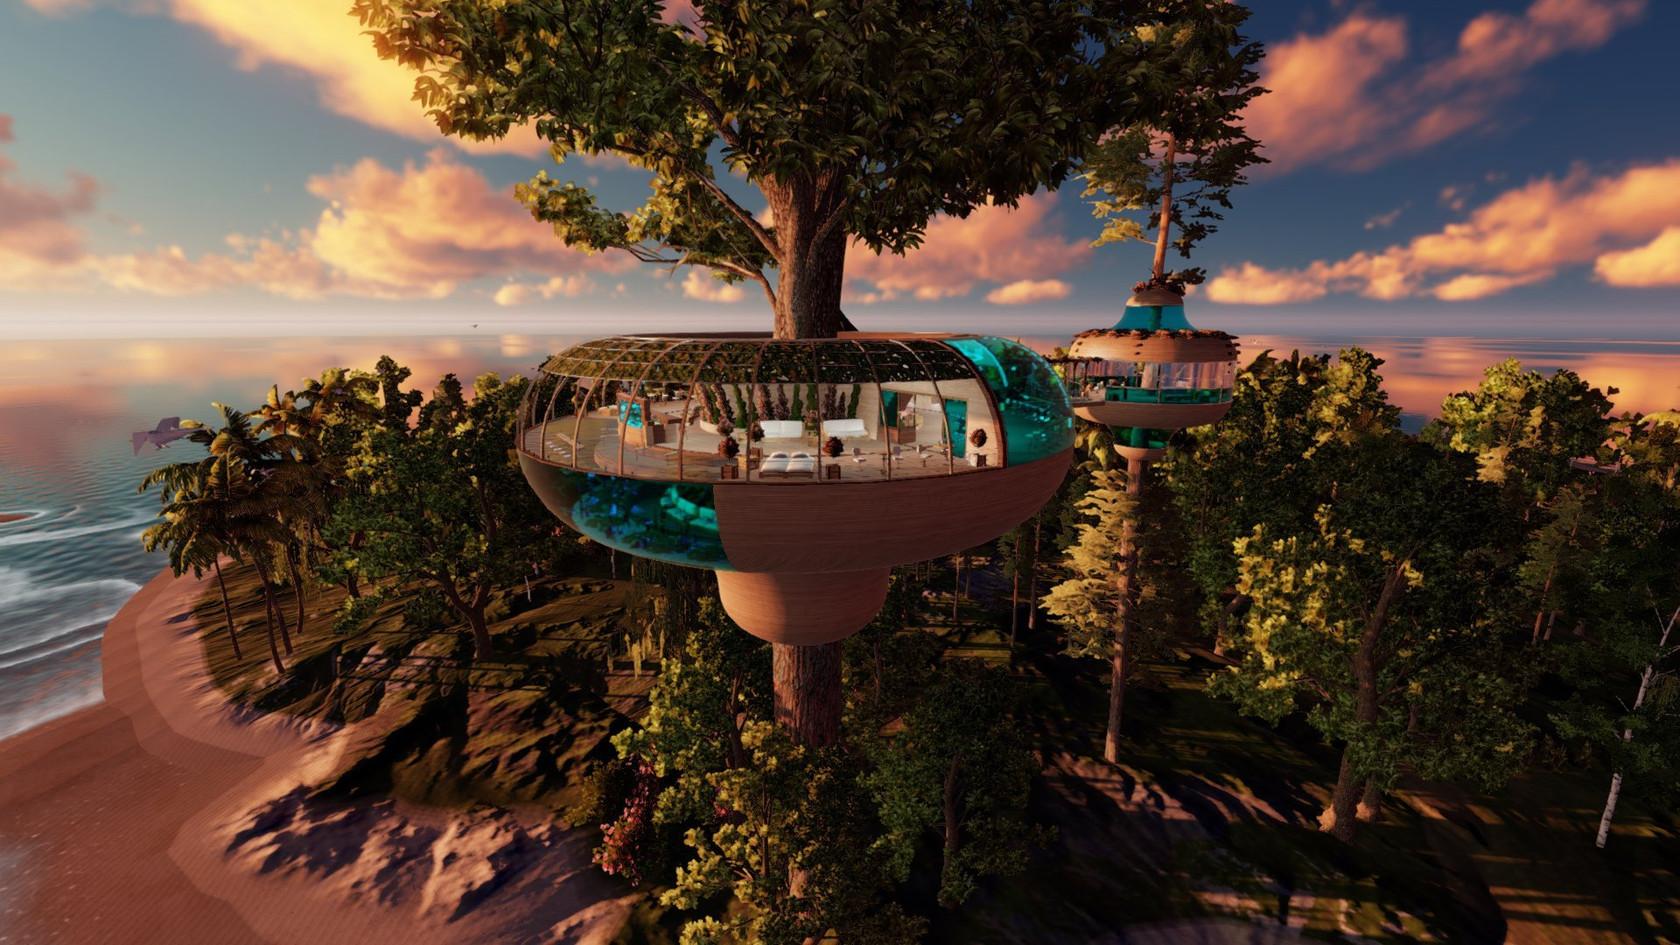 TT Tree Club by Torax